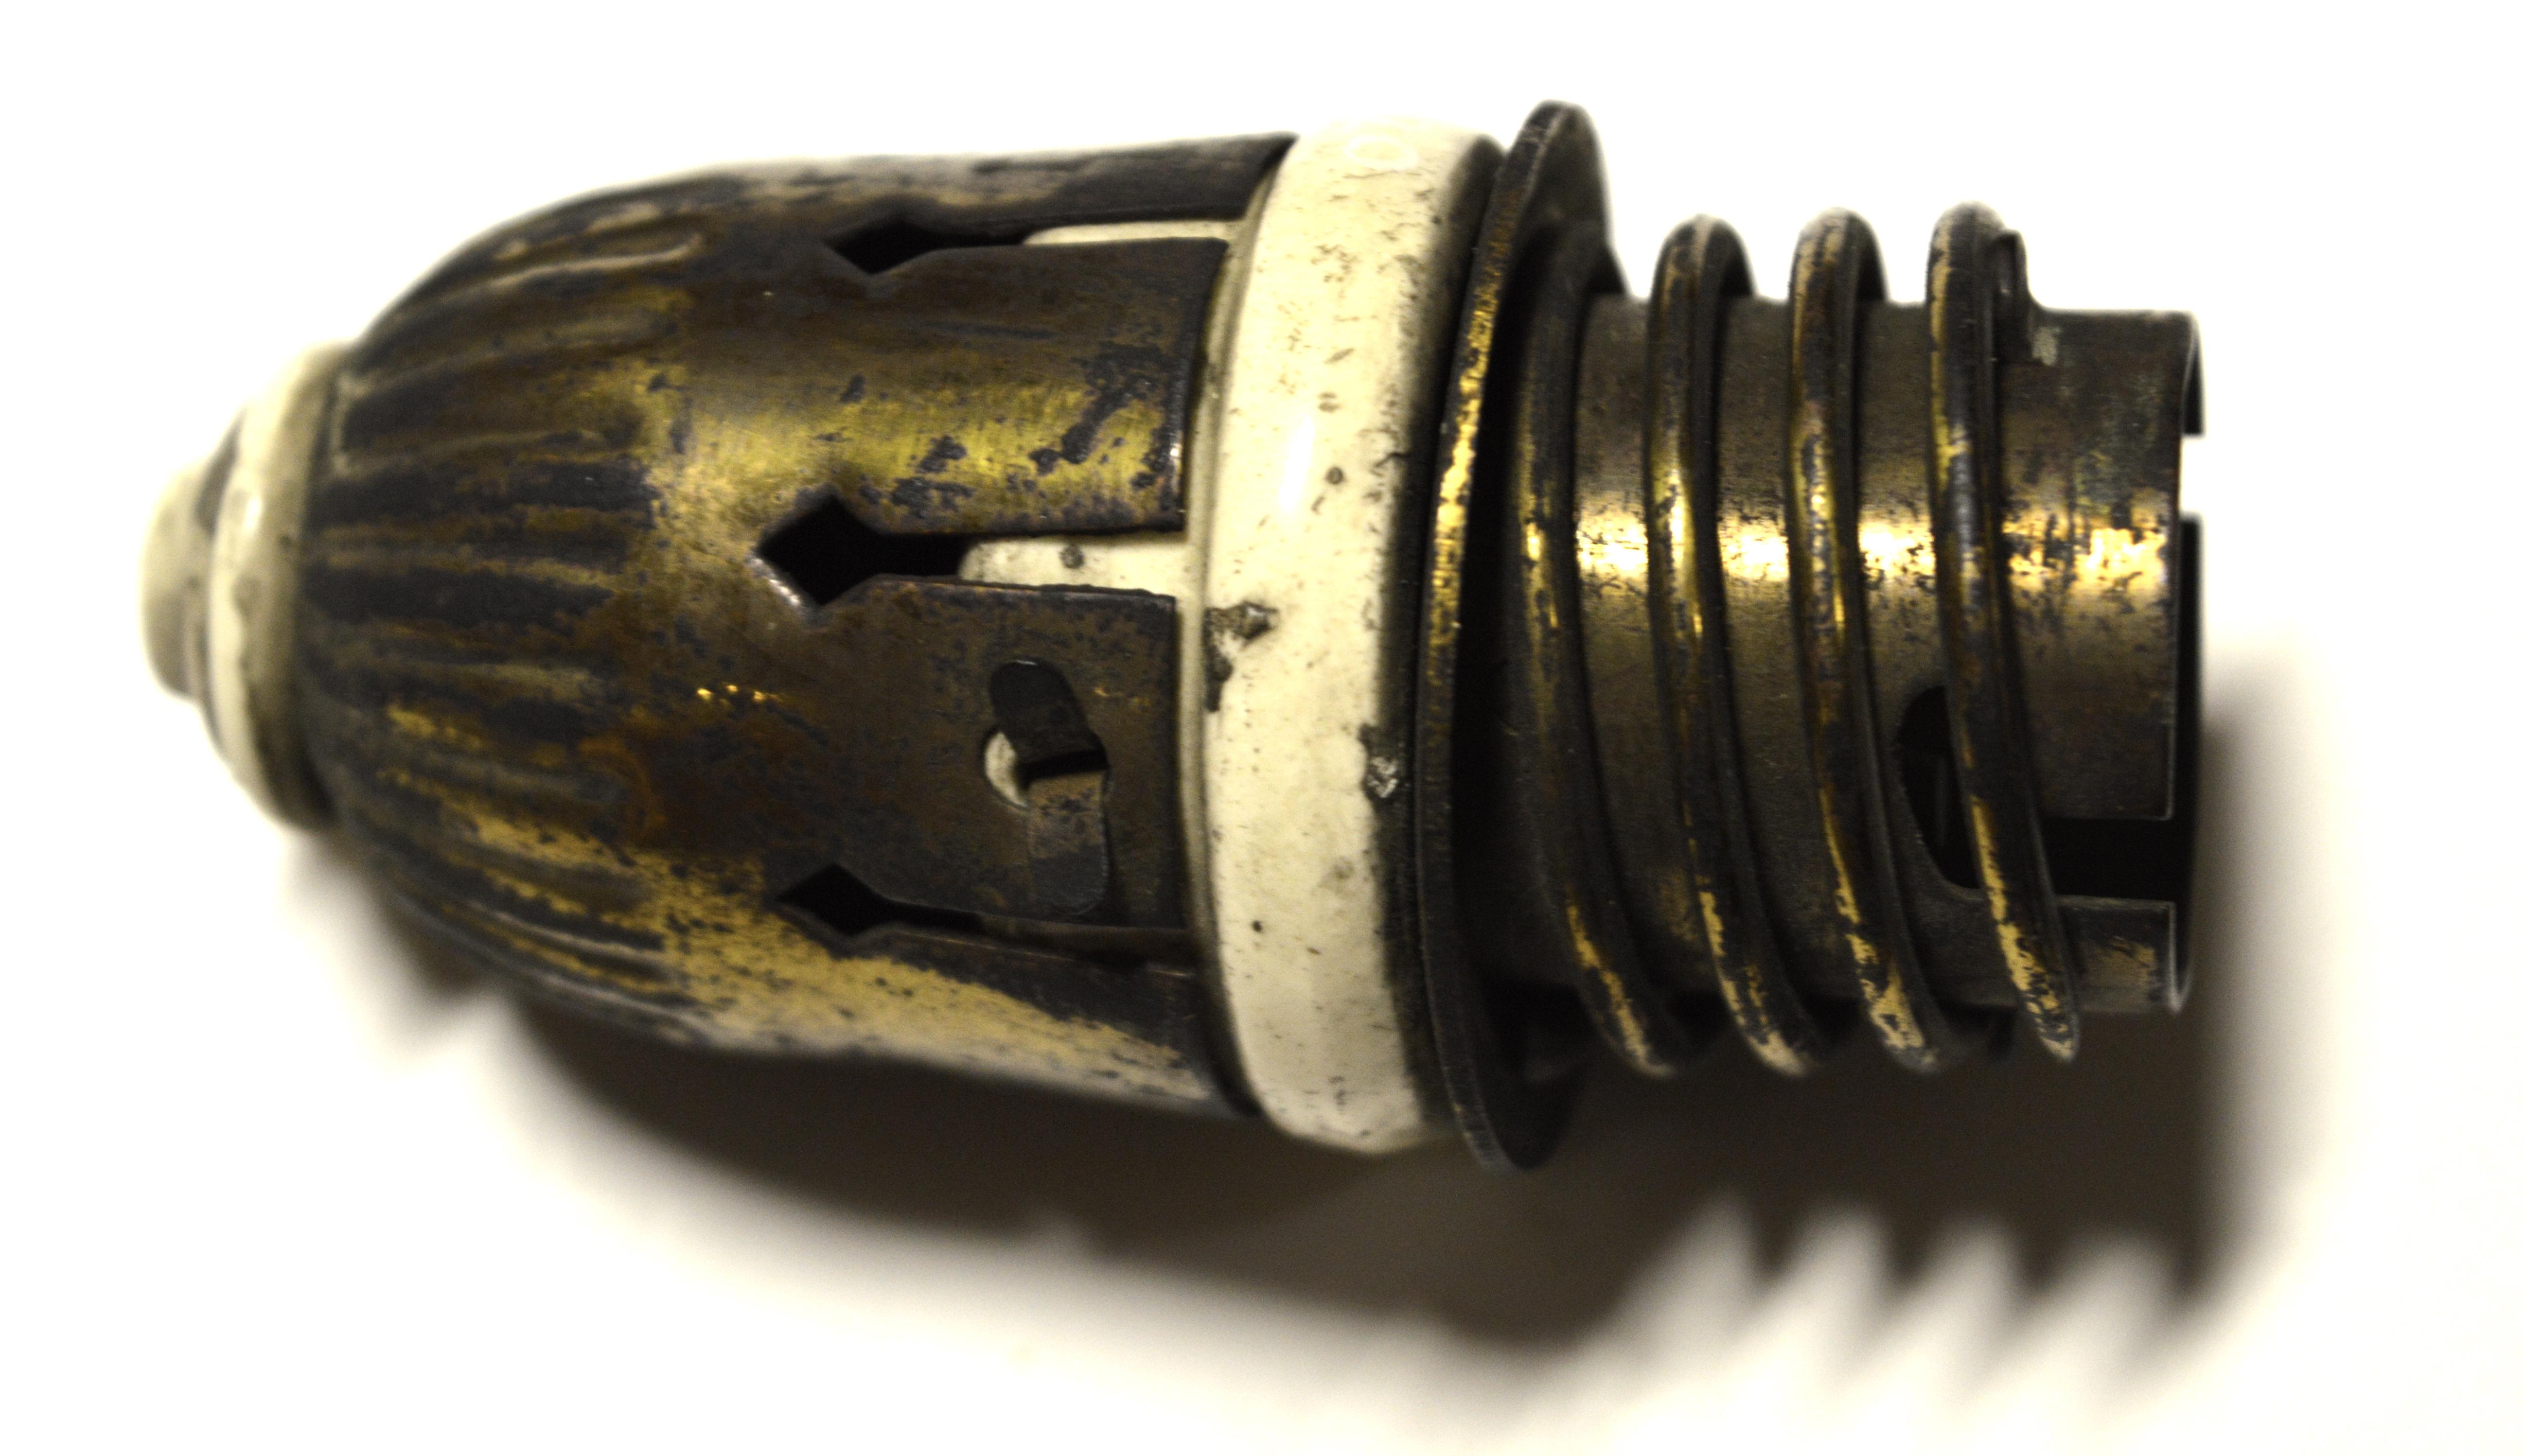 File:Socket for Light Bulb jpg - Wikimedia Commons